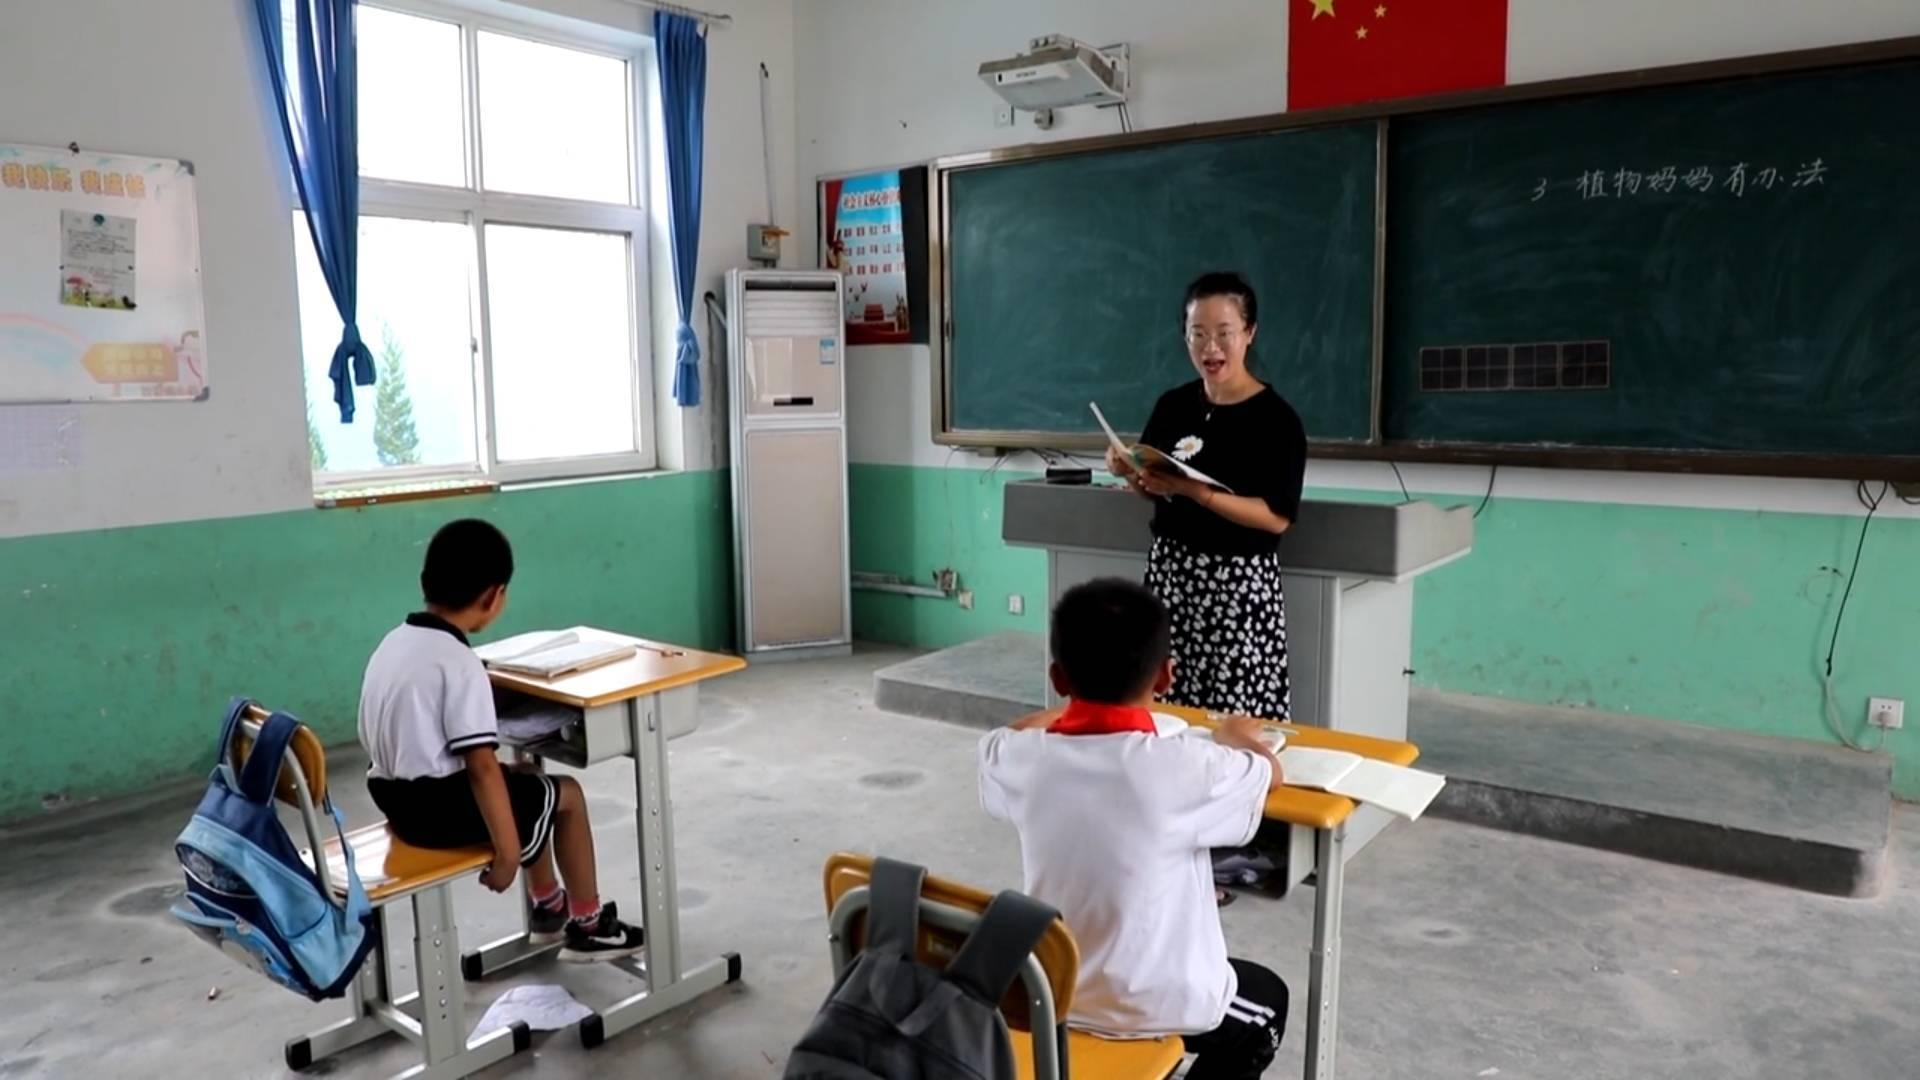 72秒丨一人执教,全家上岛 青岛即墨90后女教师扎根海岛6年